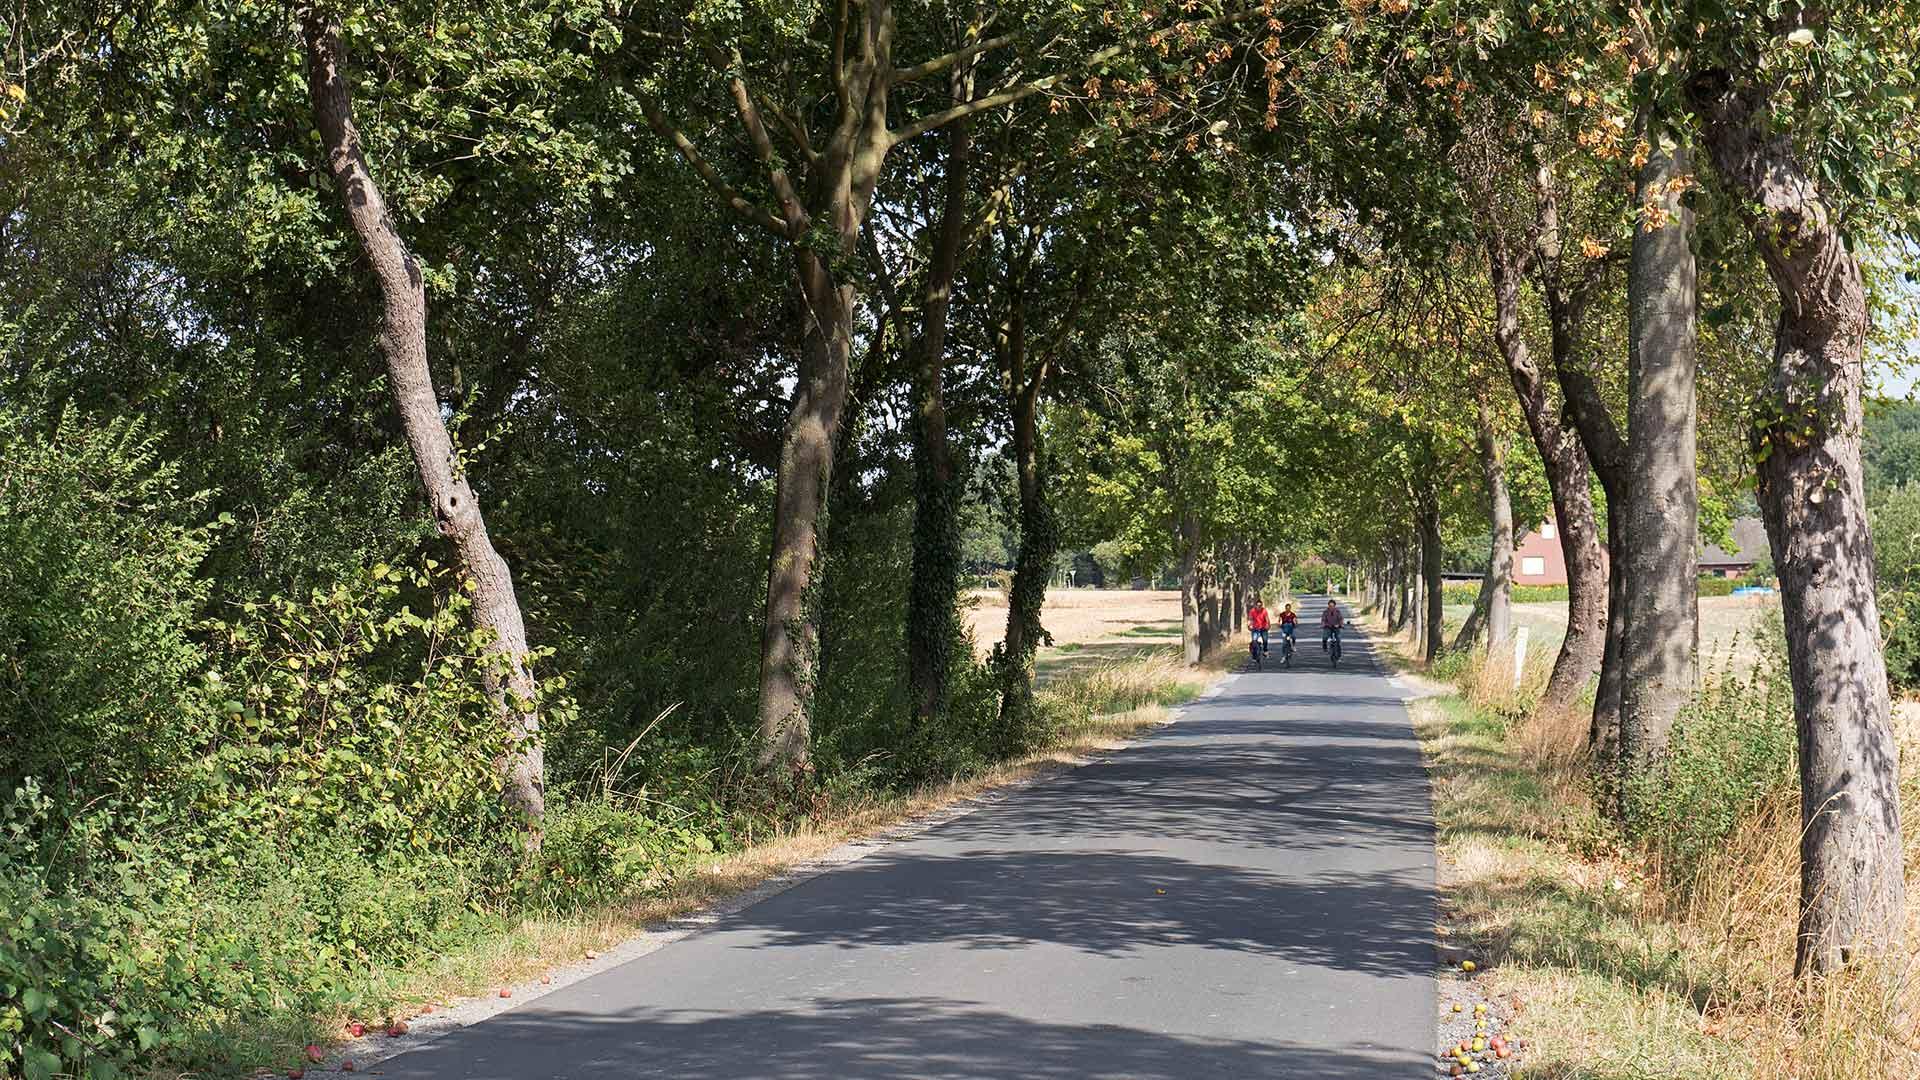 Fietsen over rustige landweggetjes in het Münsterland. © Kootstra